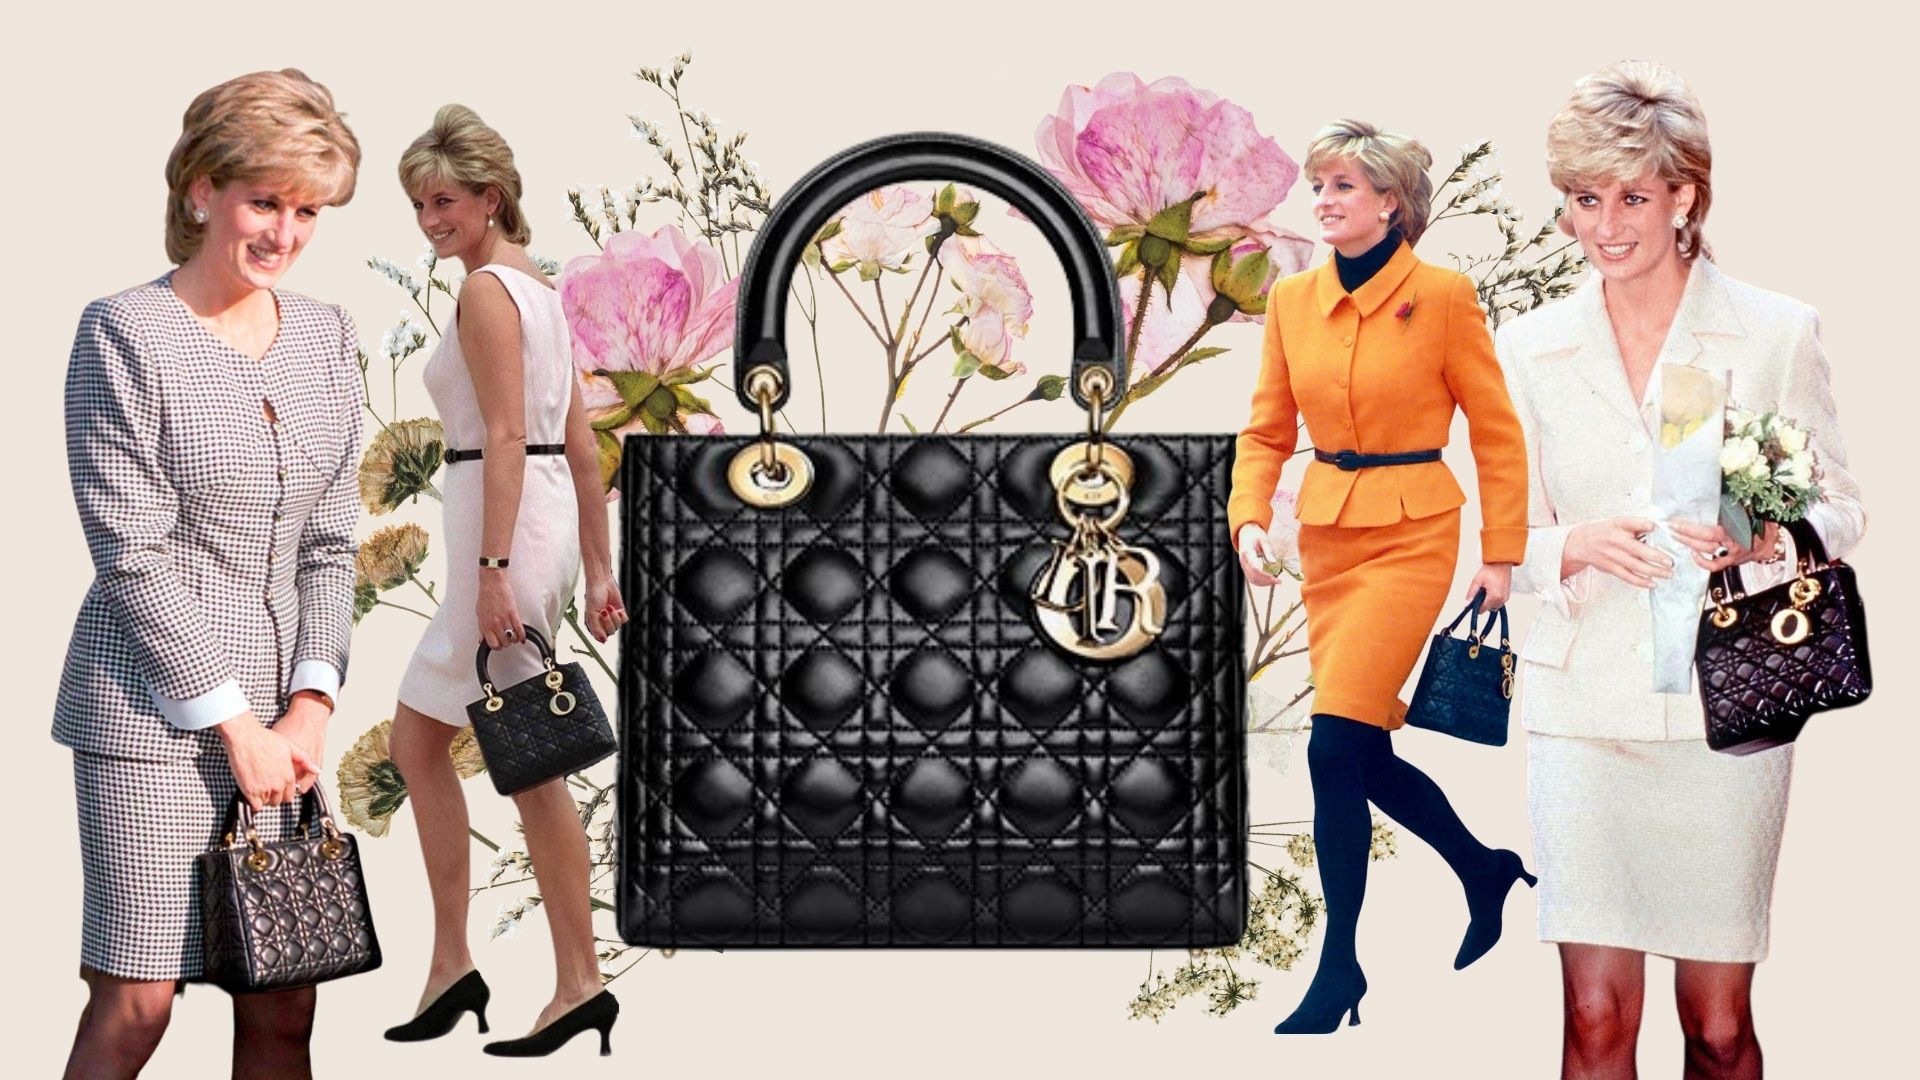 กระเป๋า Dior (ดิออร์)